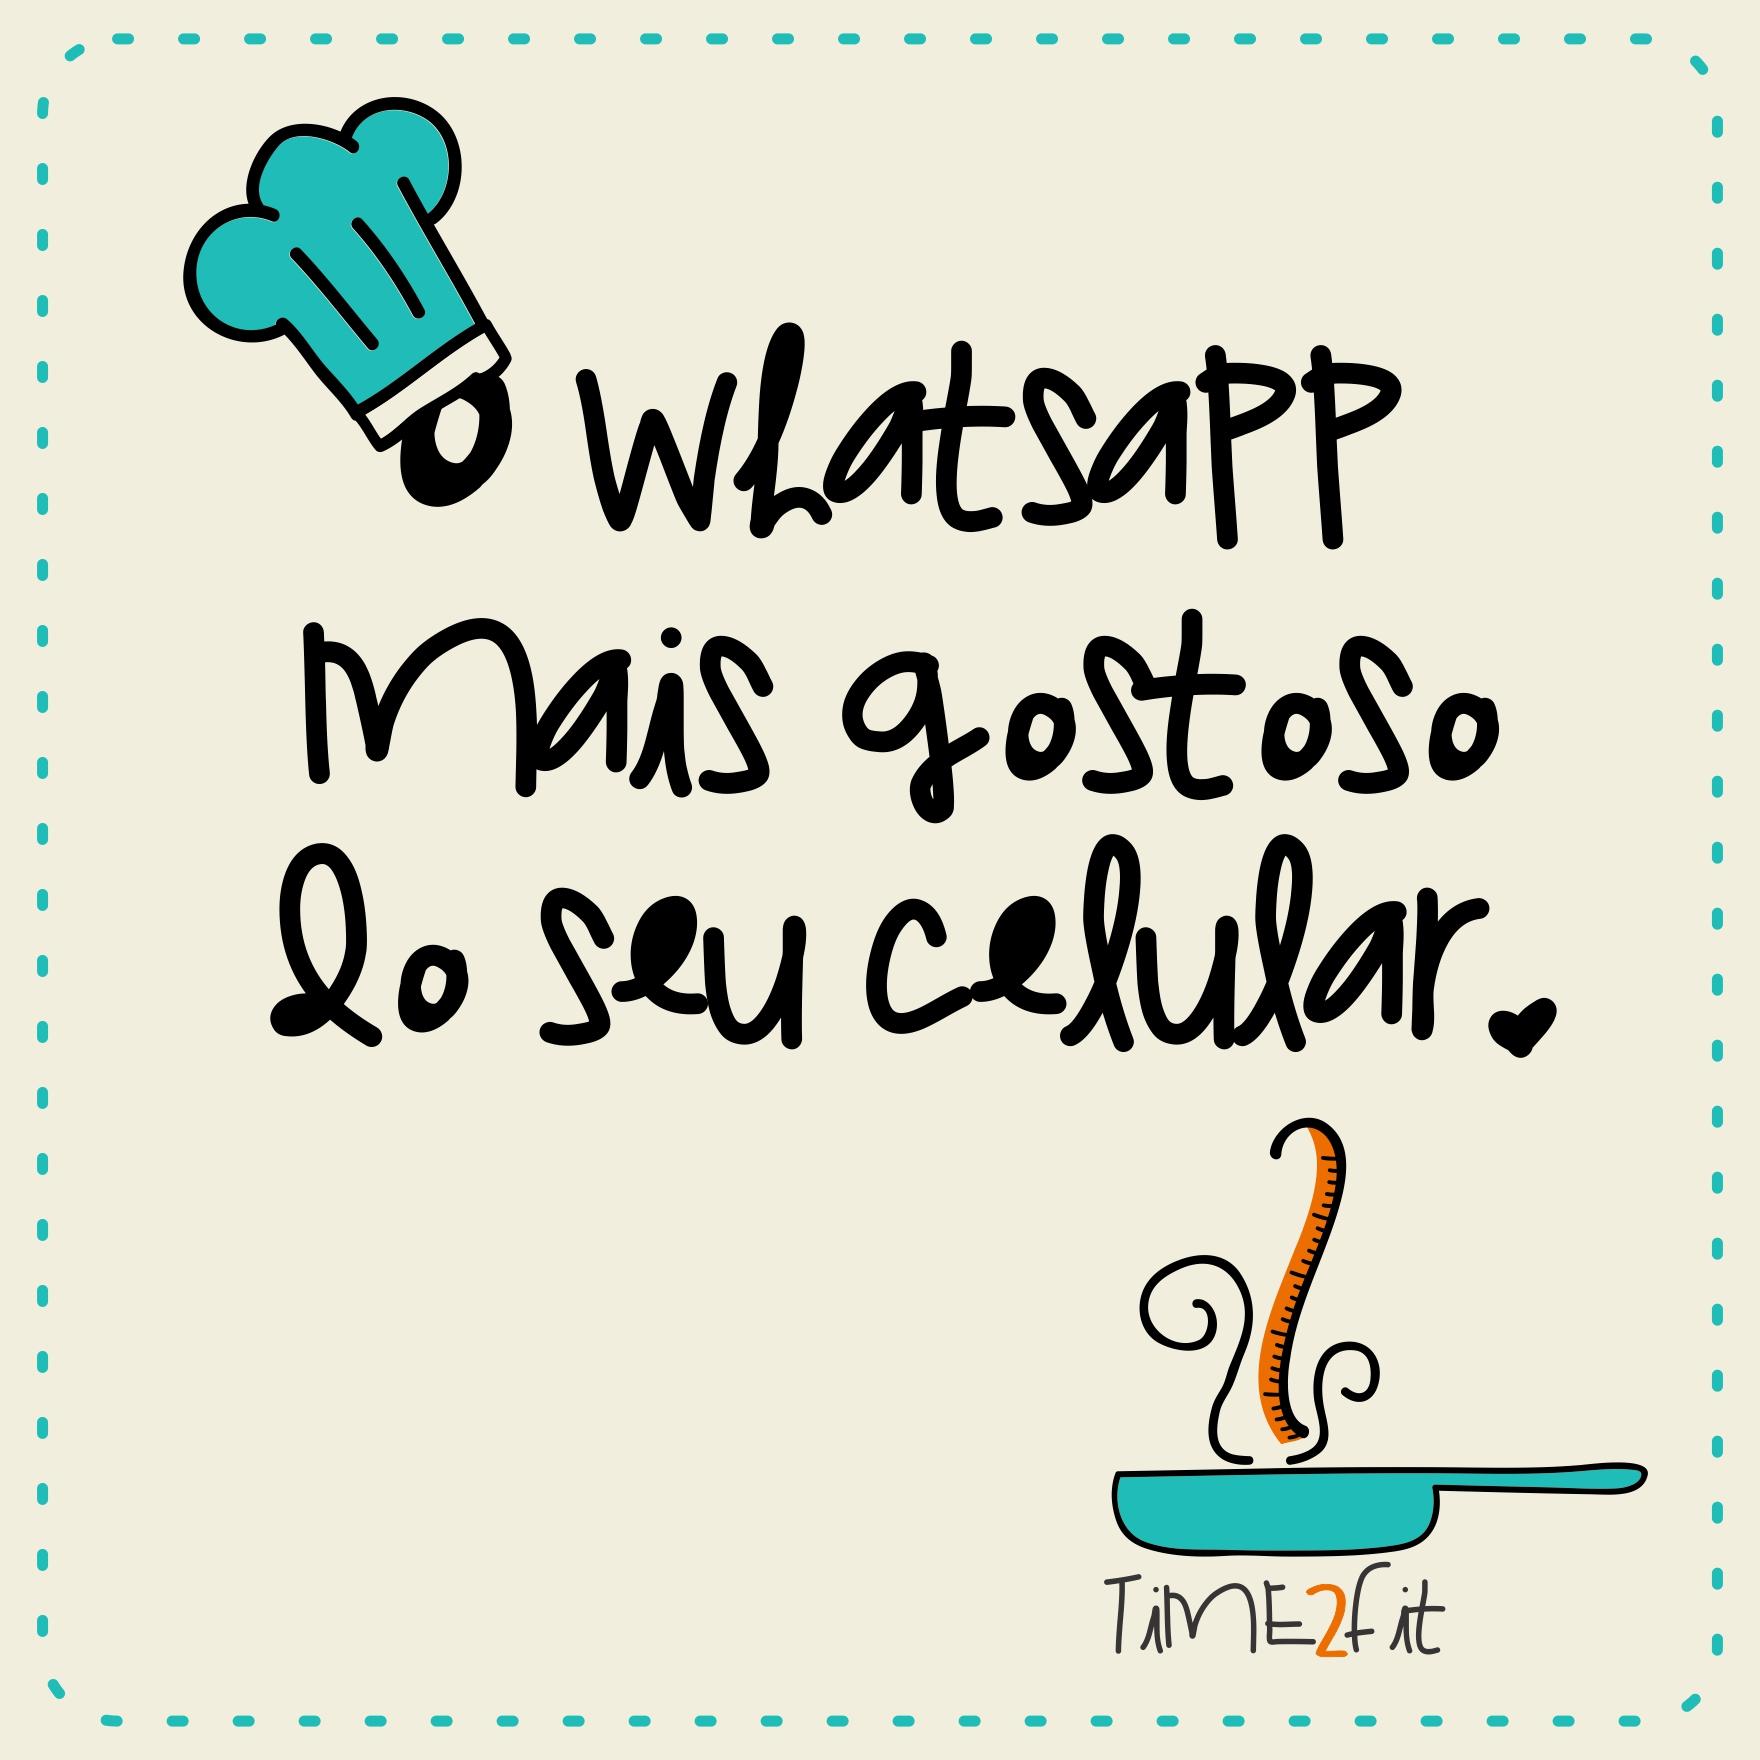 +Conteúdo - Time2Fit